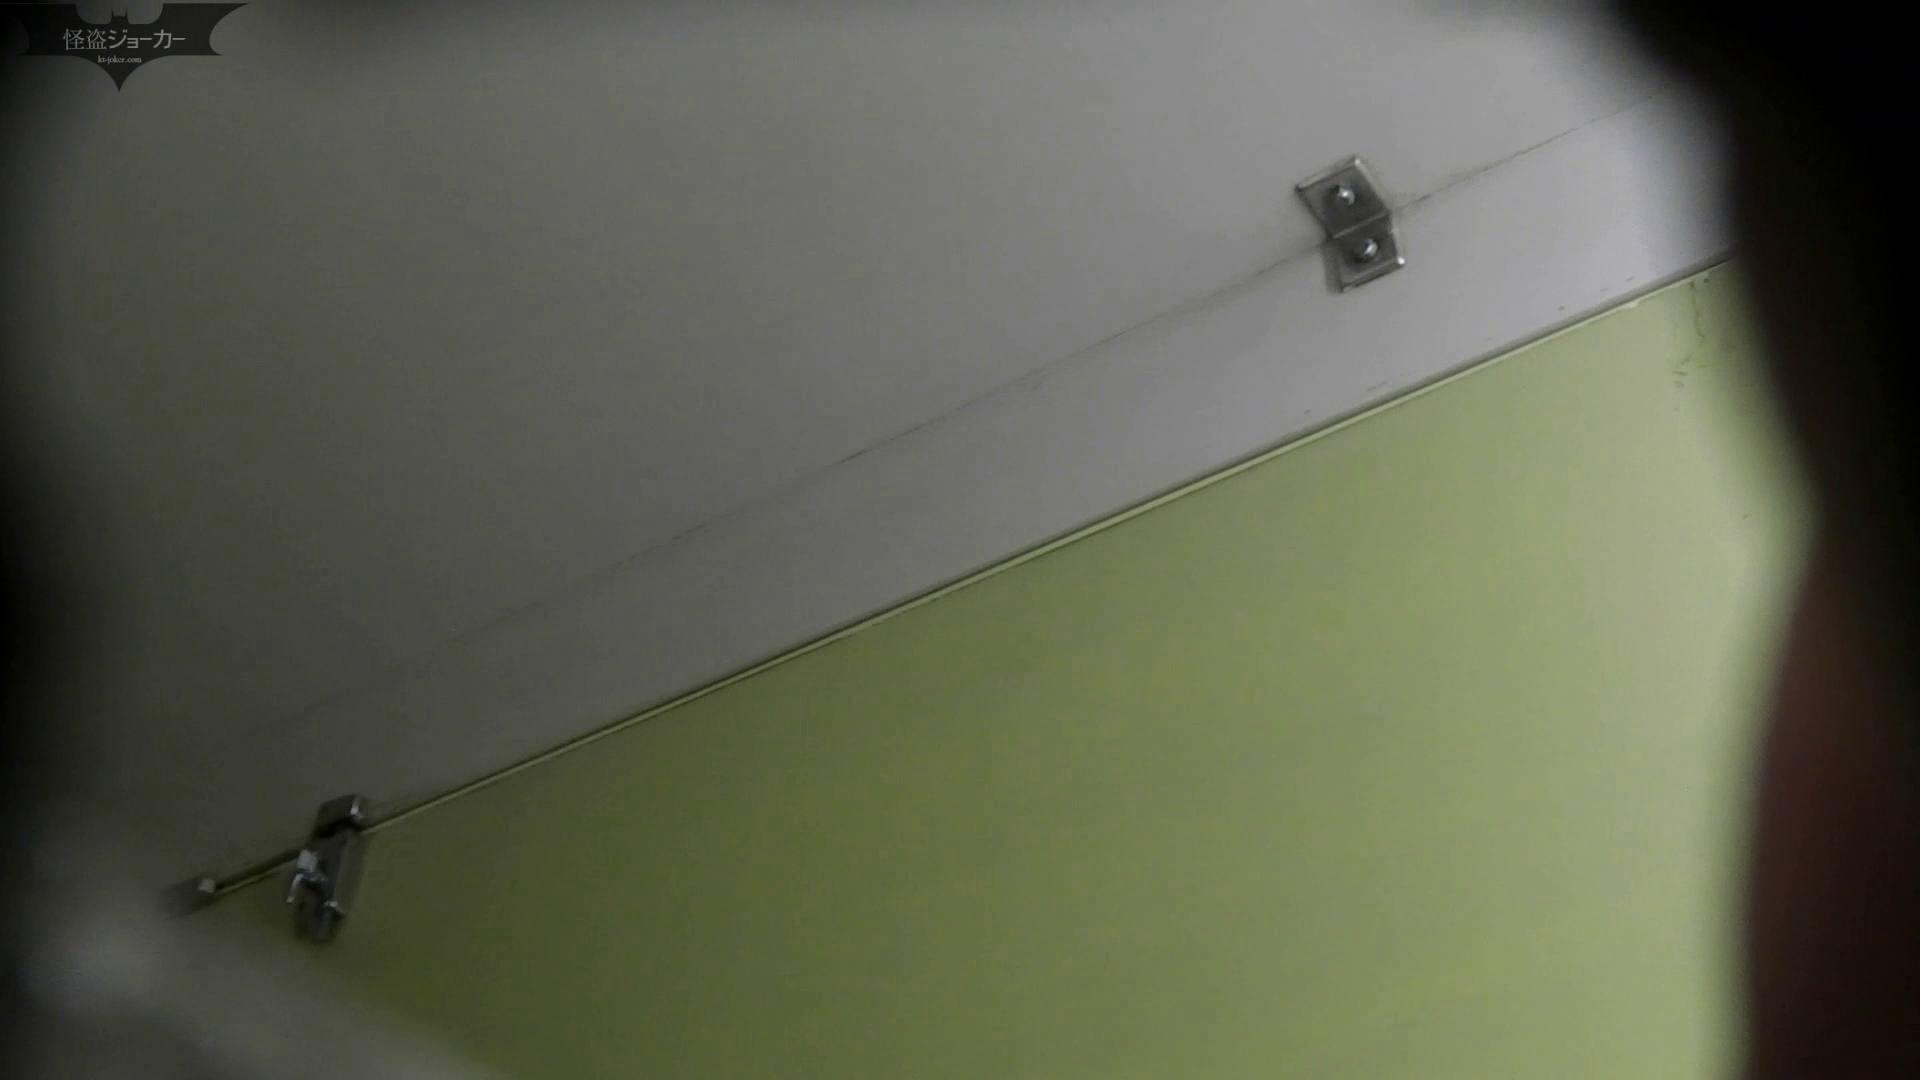 【美しき個室な世界】洗面所特攻隊 vol.046 更に進化【2015・07位】 洗面所  66pic 24